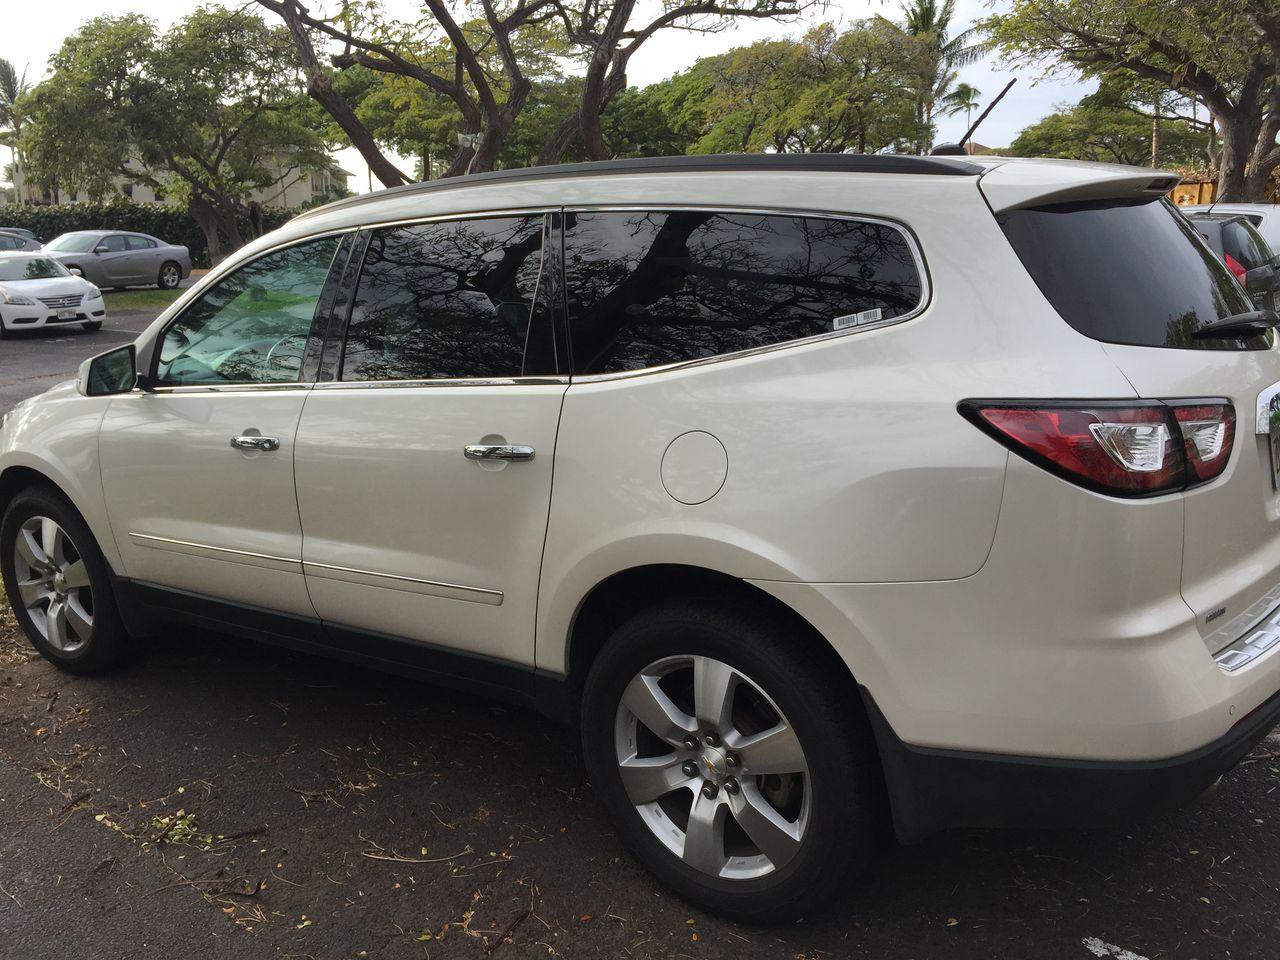 hiroの旅中心ブログ  ハワイ島からの帰国日の流れコメント